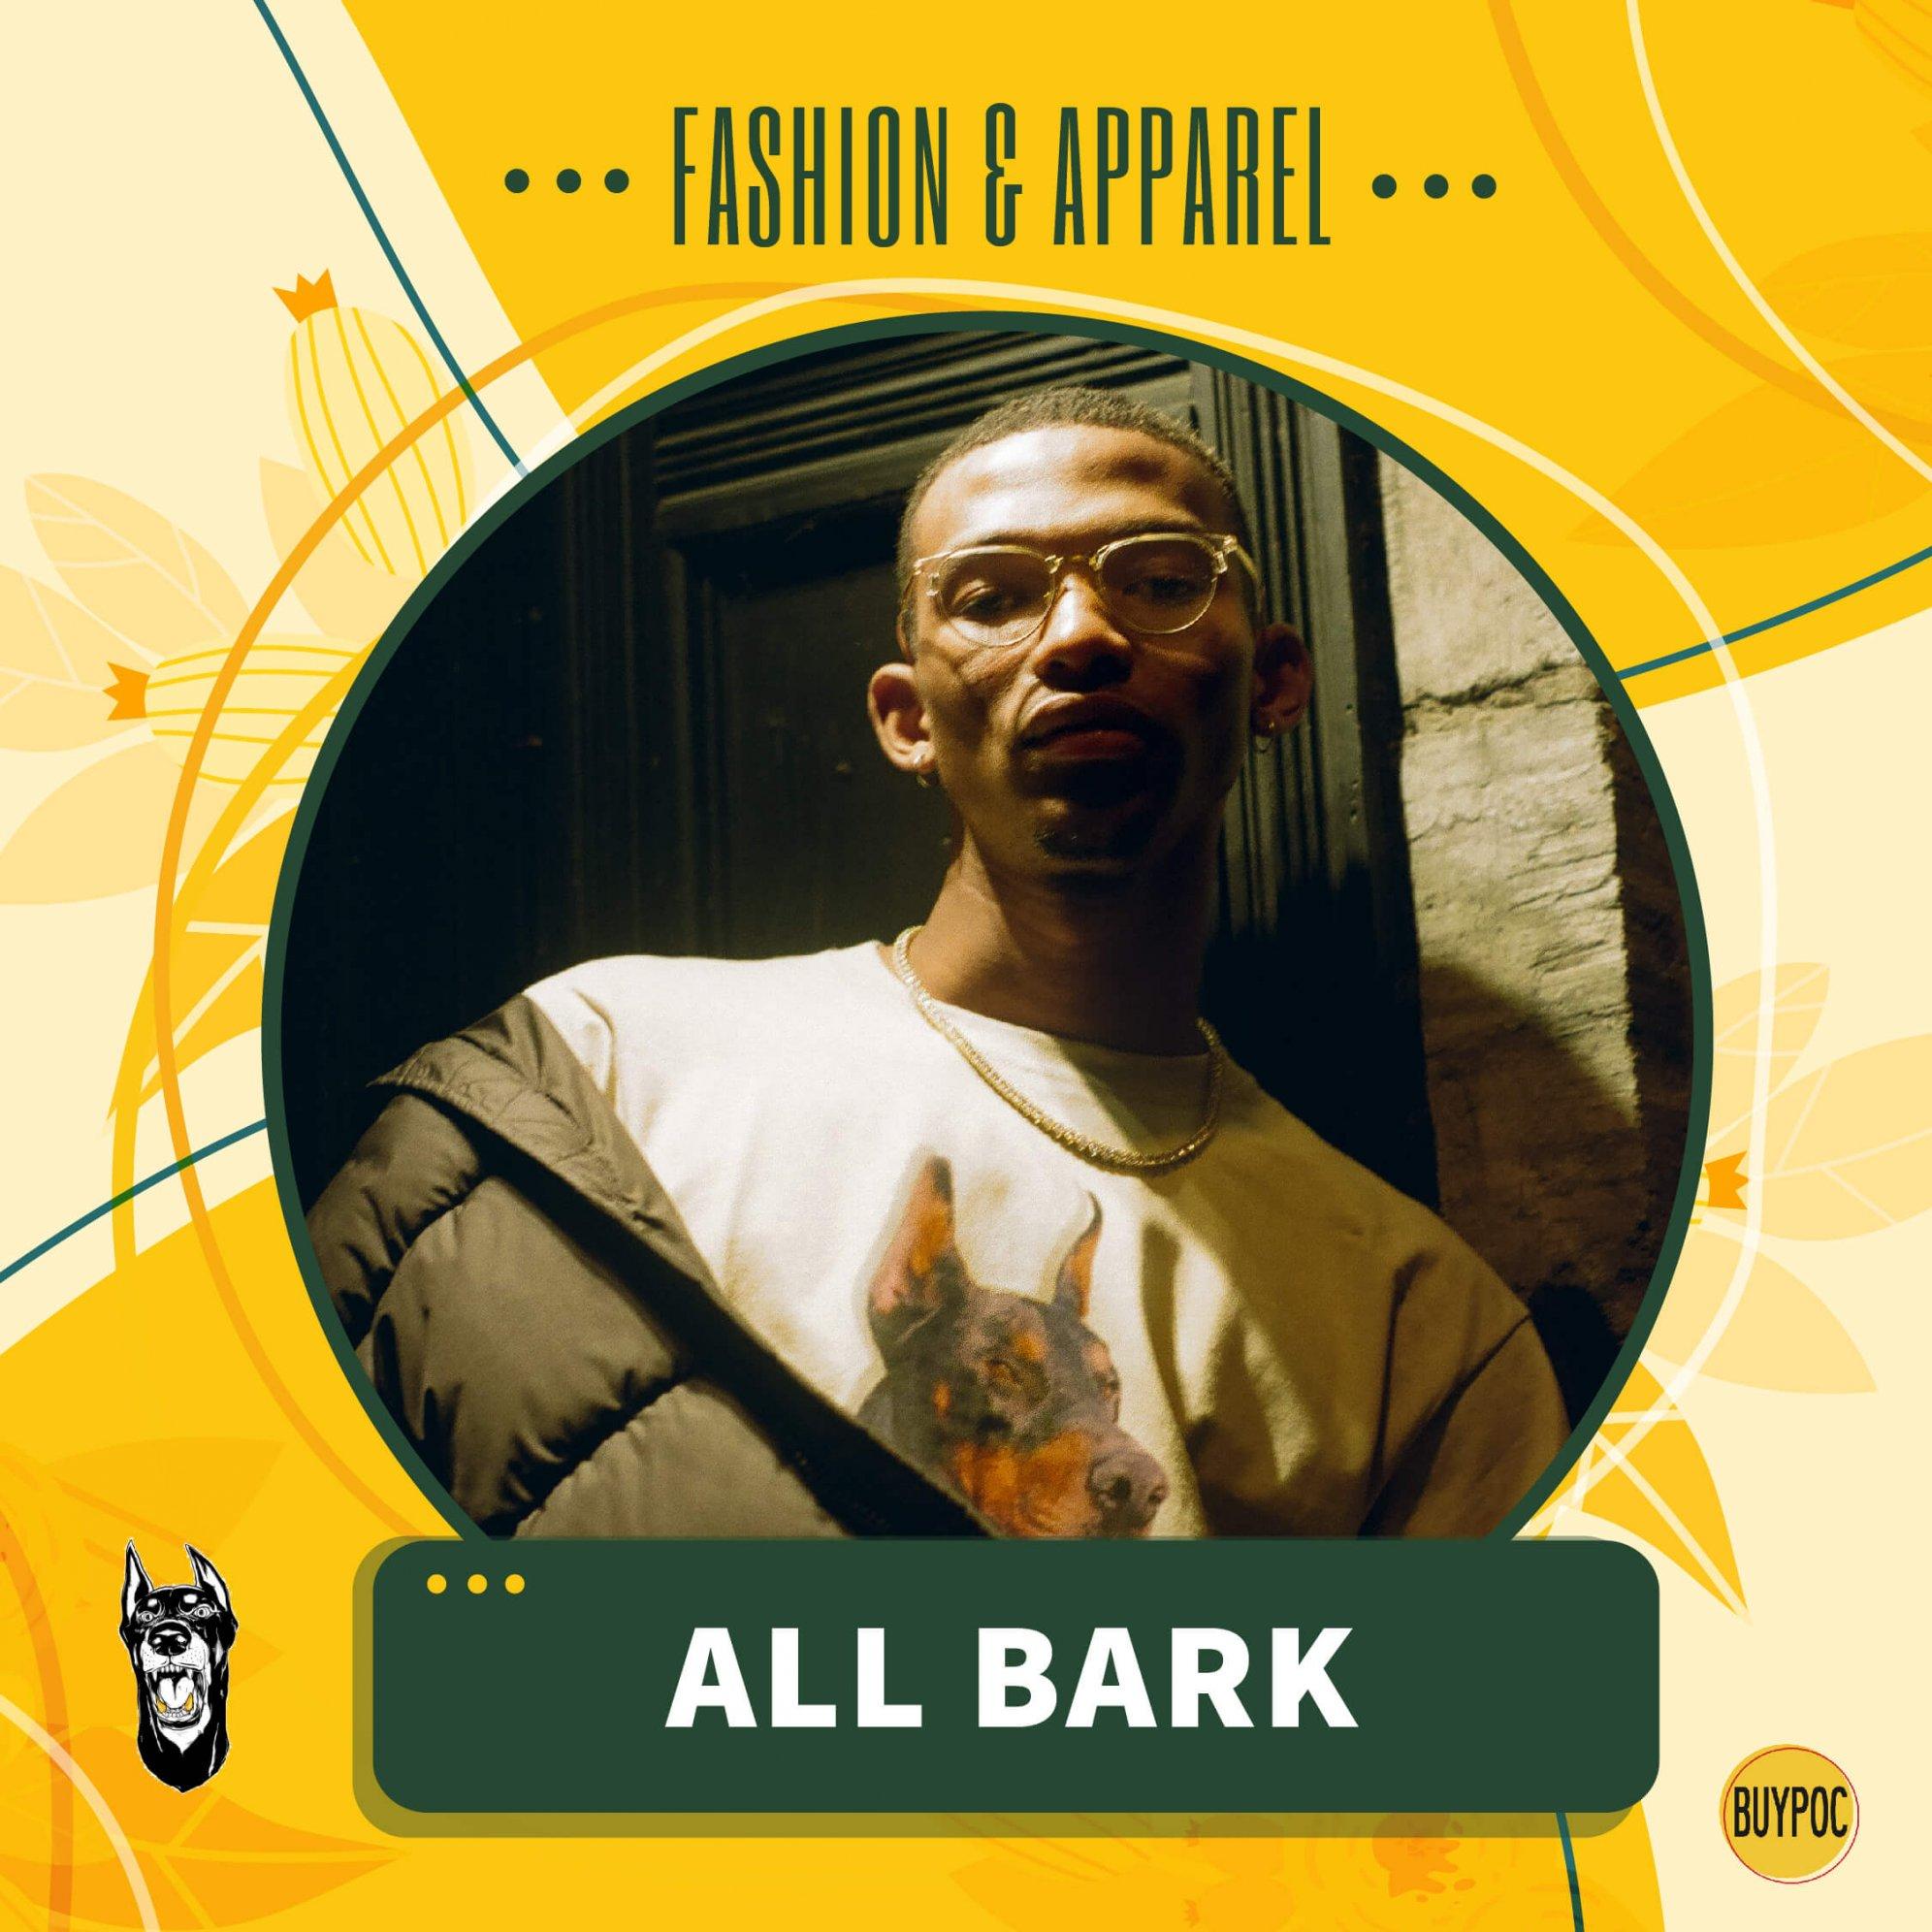 All Bark